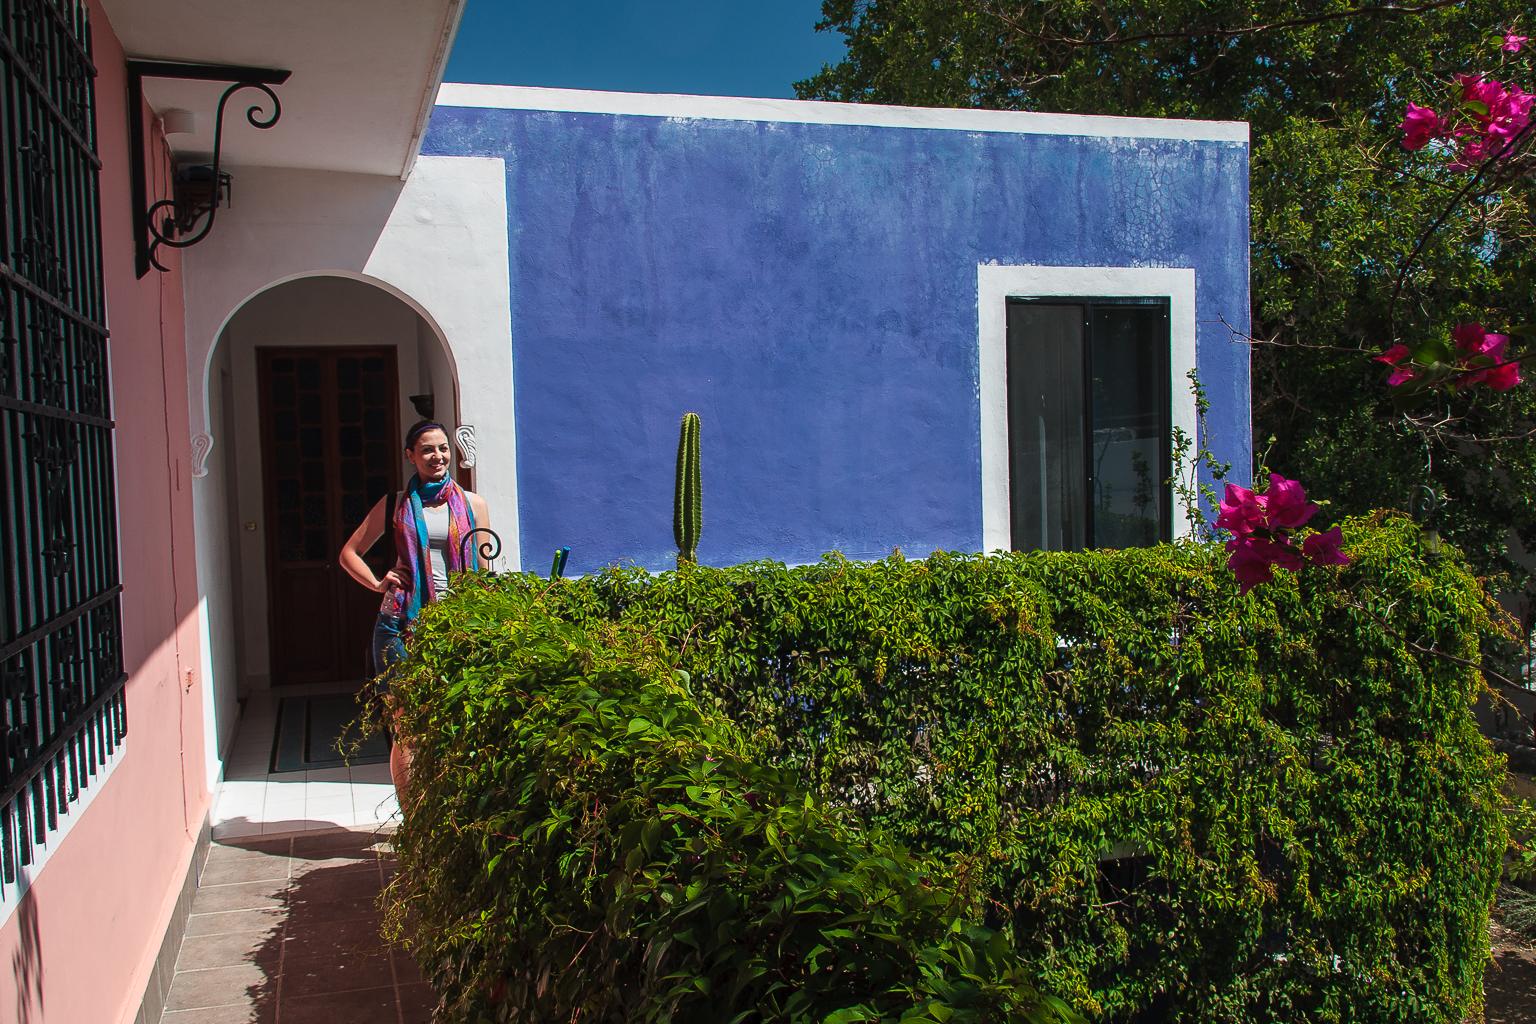 Hotel Julamis, Merida, Mexico